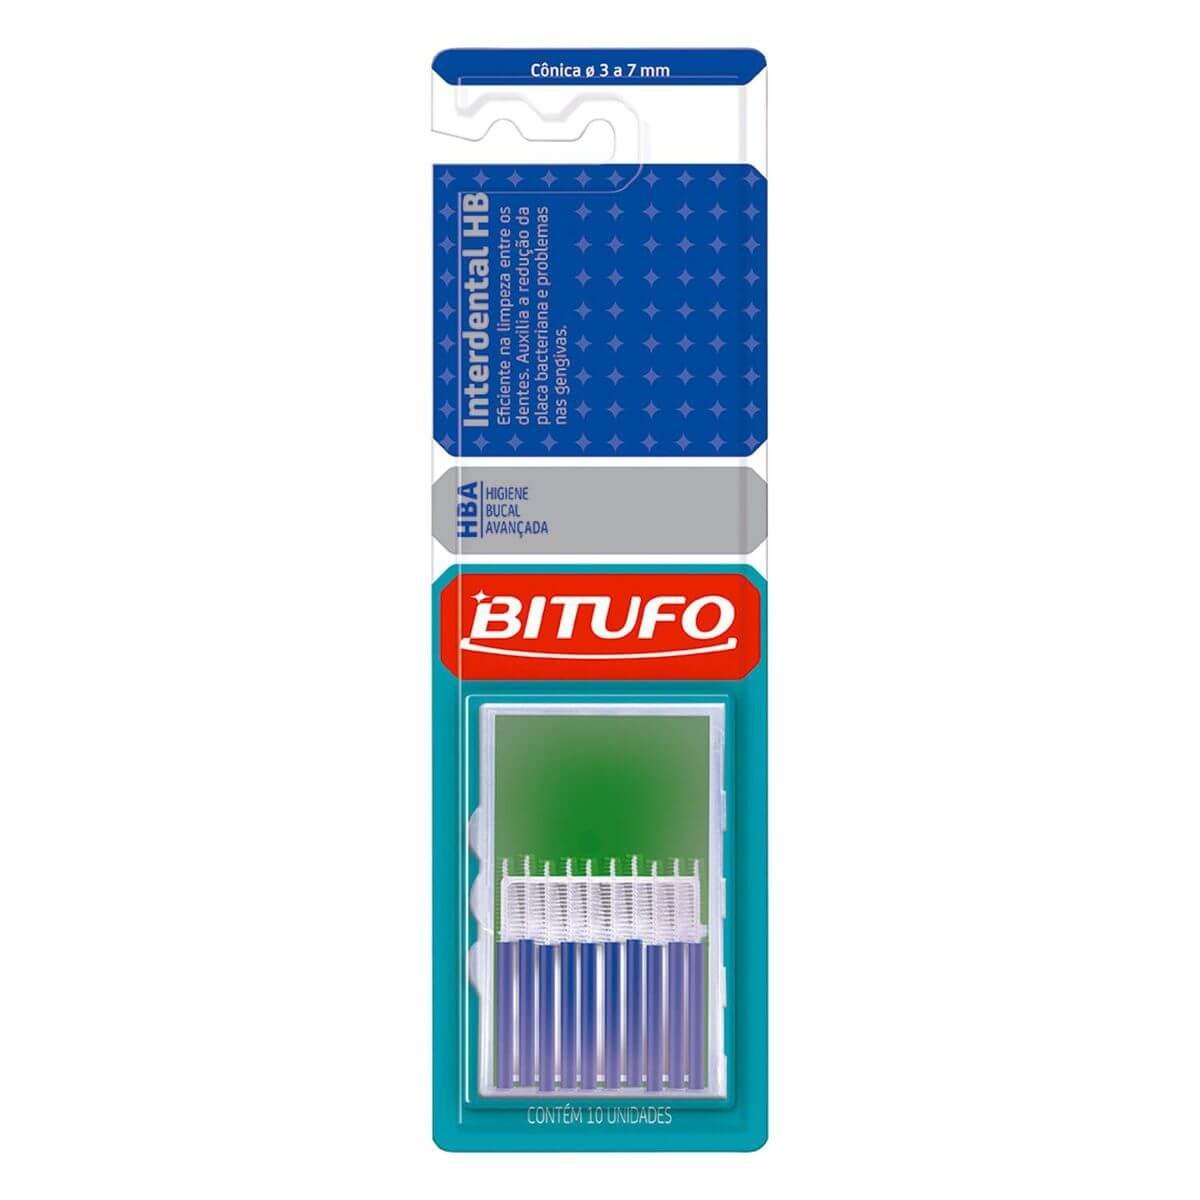 Escova Interdental HB Cônica - Bitufo 10 Unidades